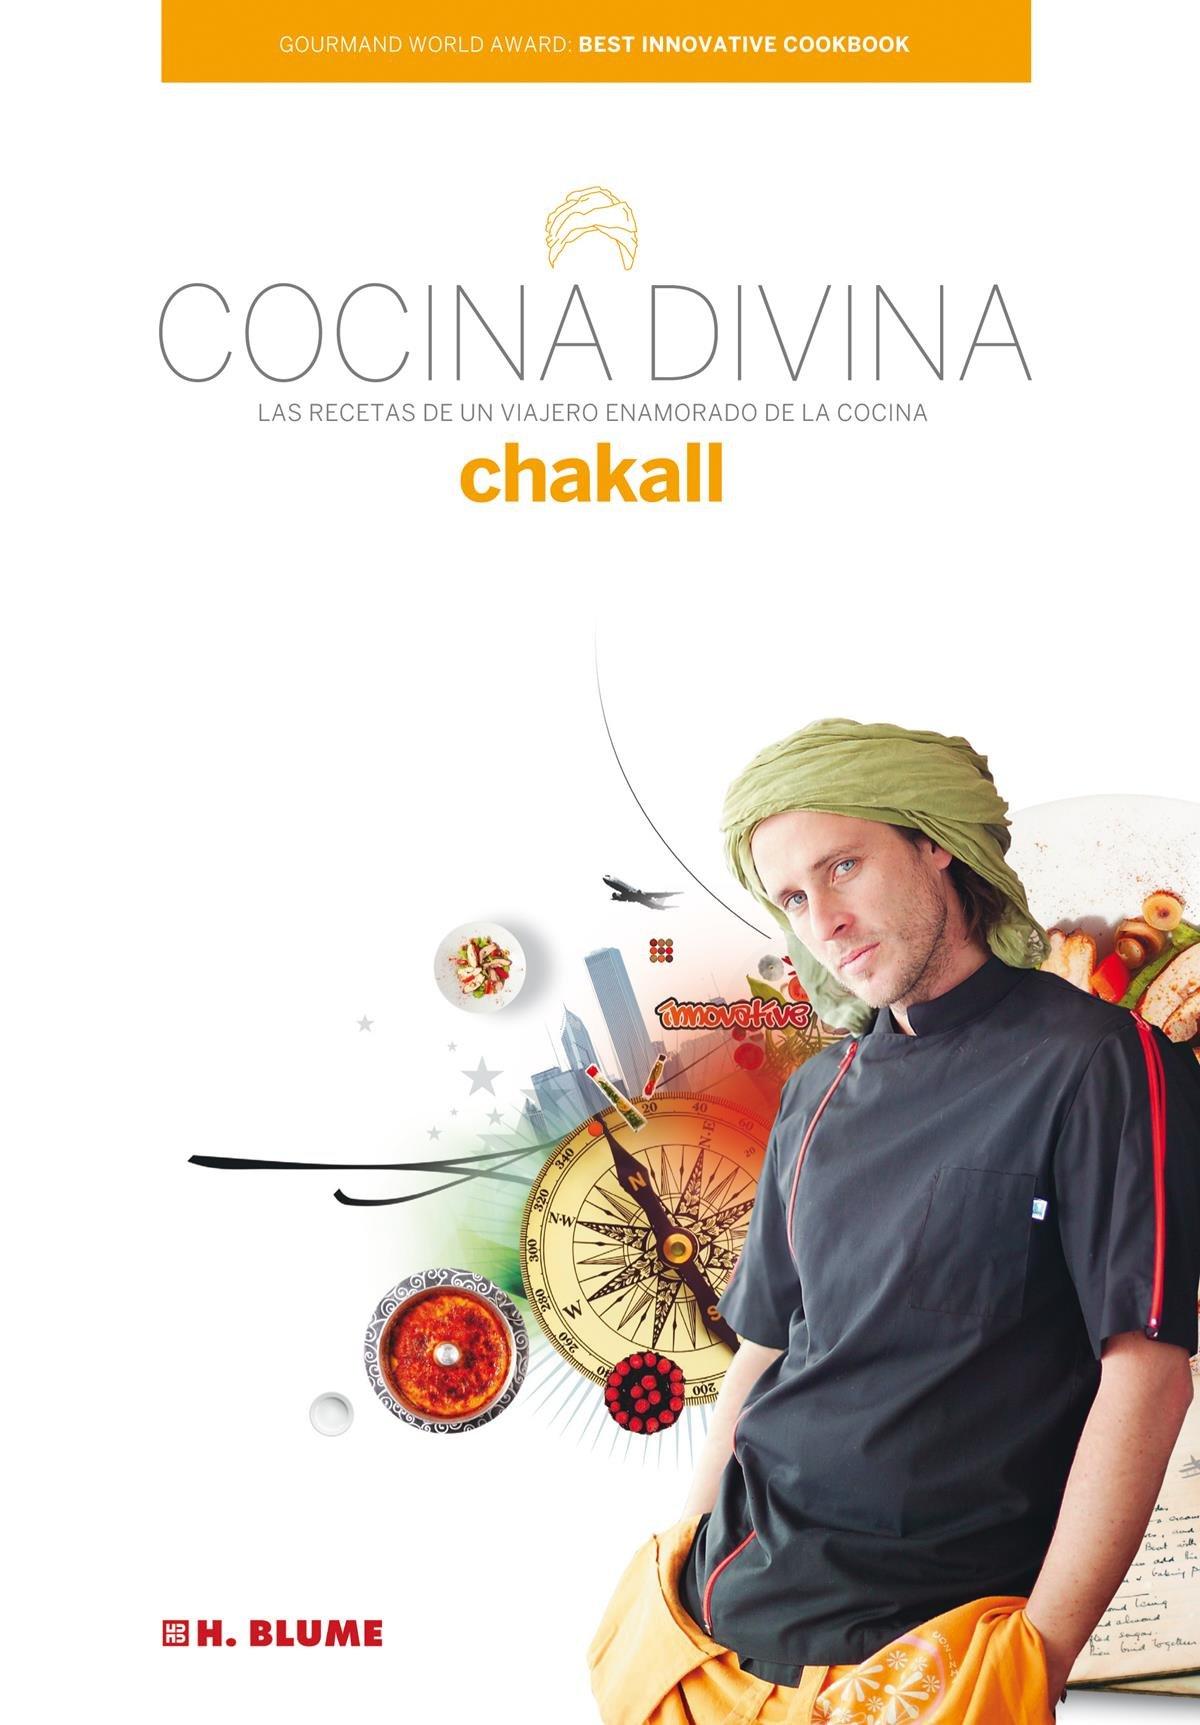 cocina divina cocina prctica amazones chakall lusa diogo carlos torres libros - Cocina Divina